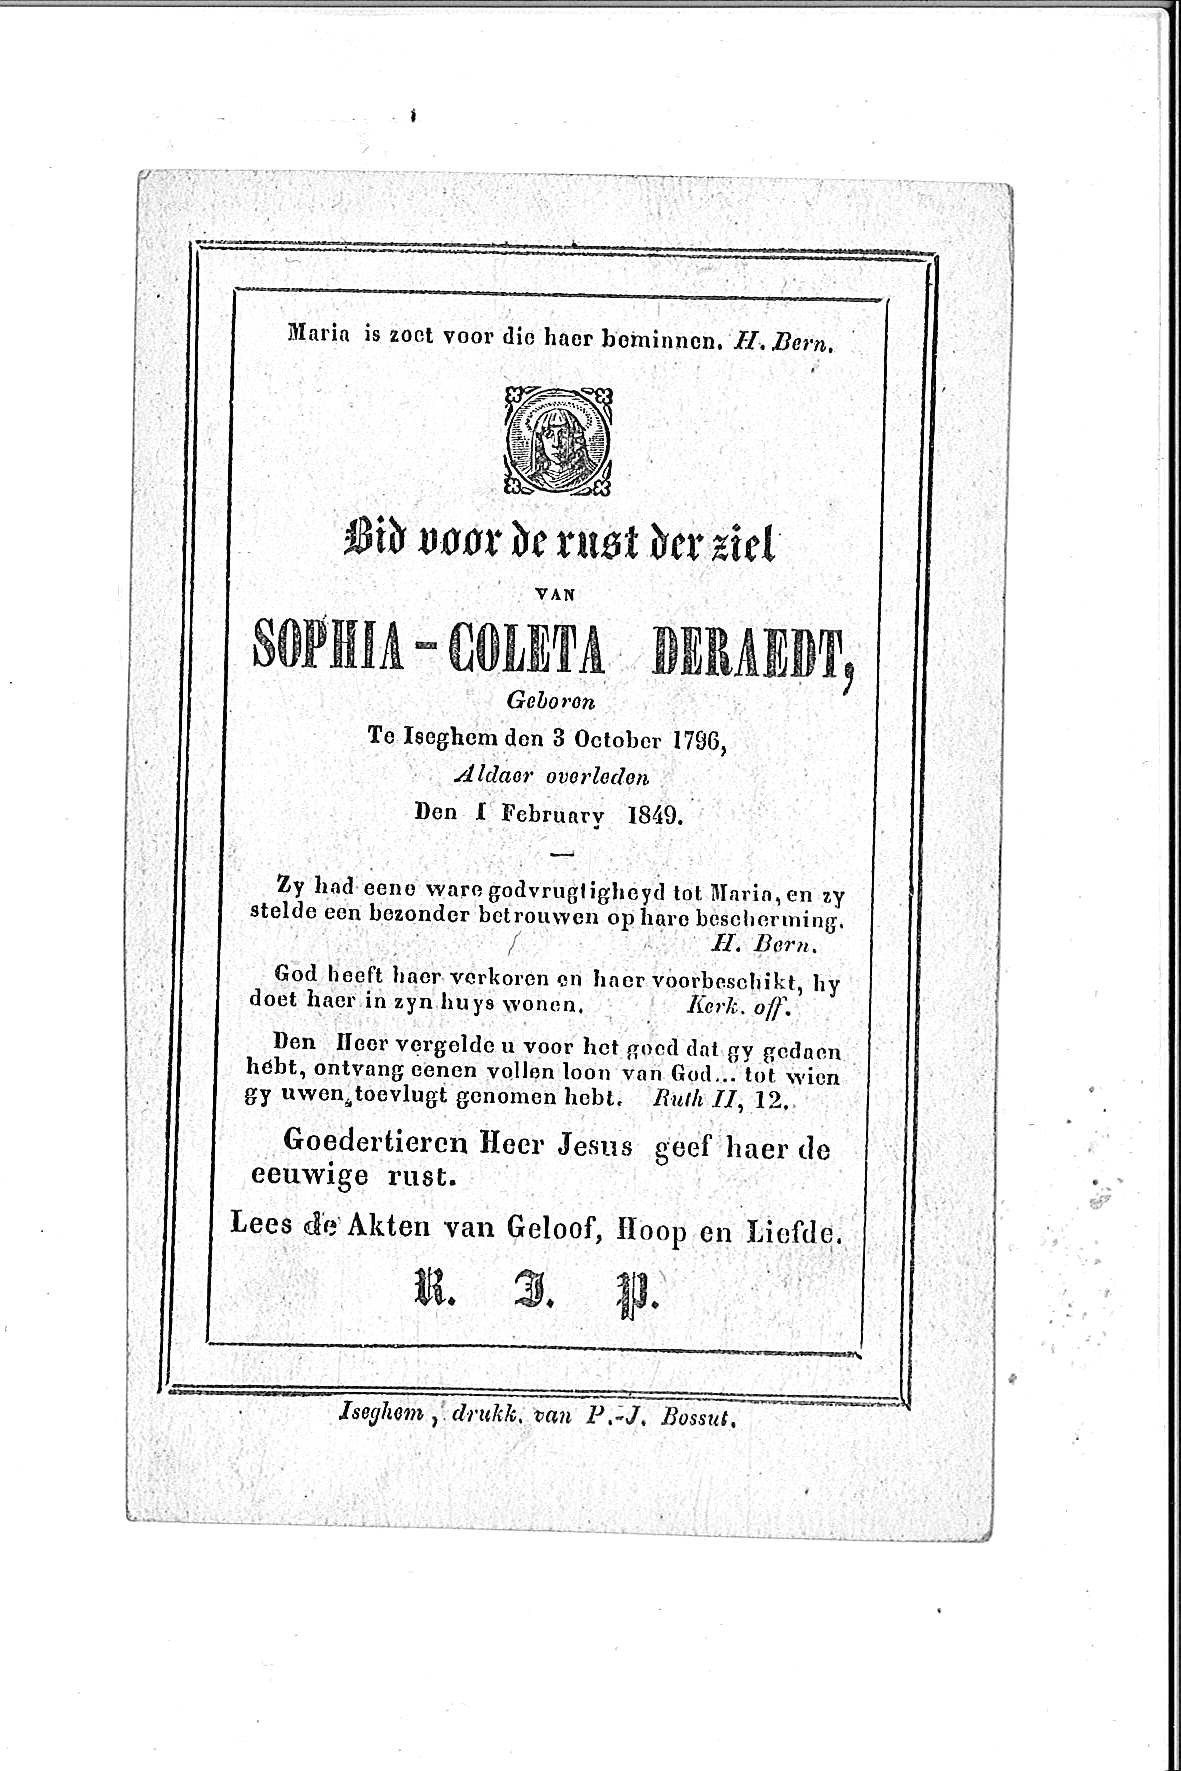 Sophia-Coleta(1849)20150421094524_00019.jpg